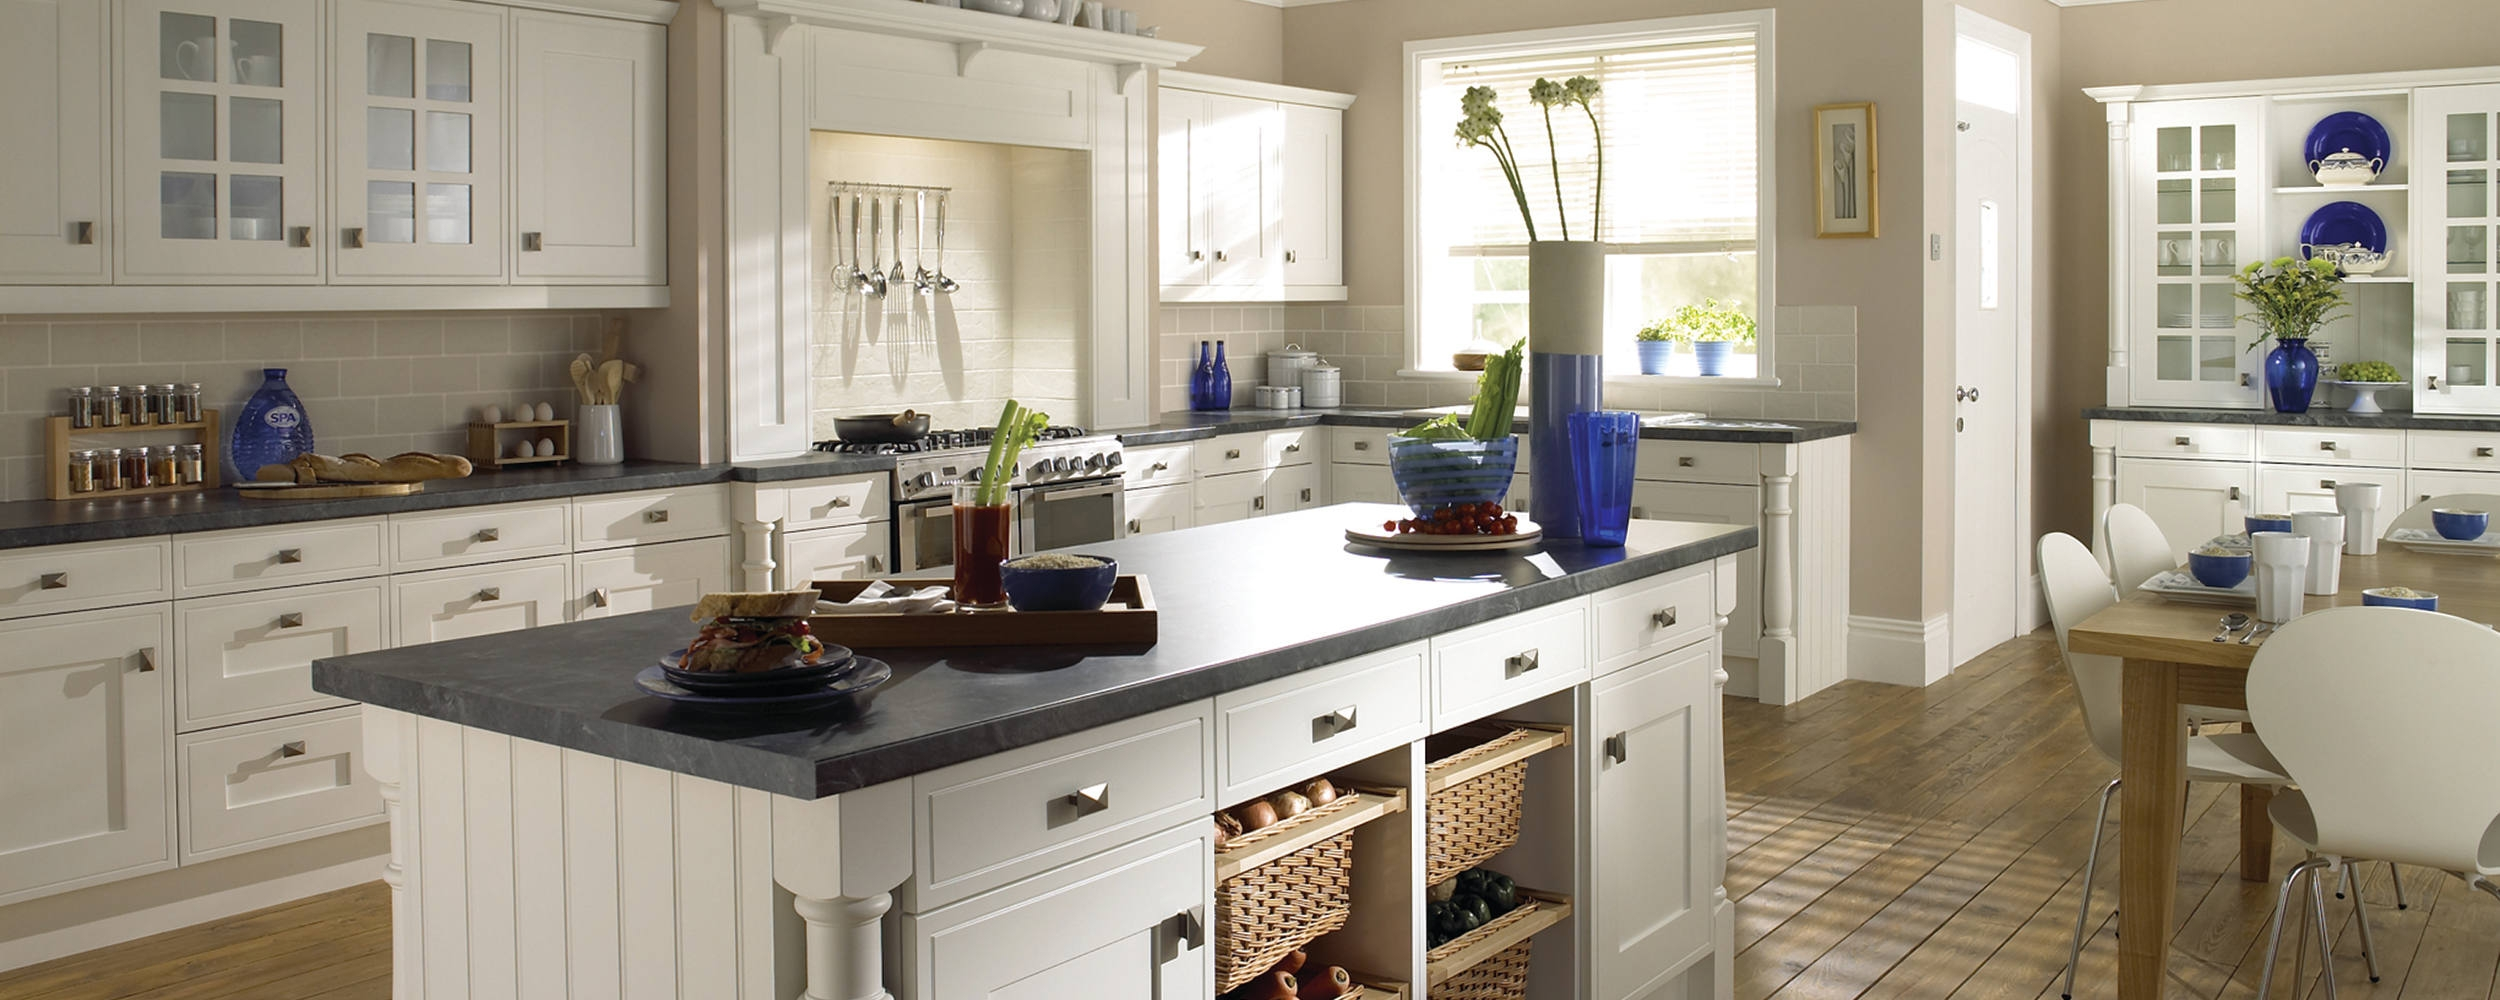 kitchen design edinburgh